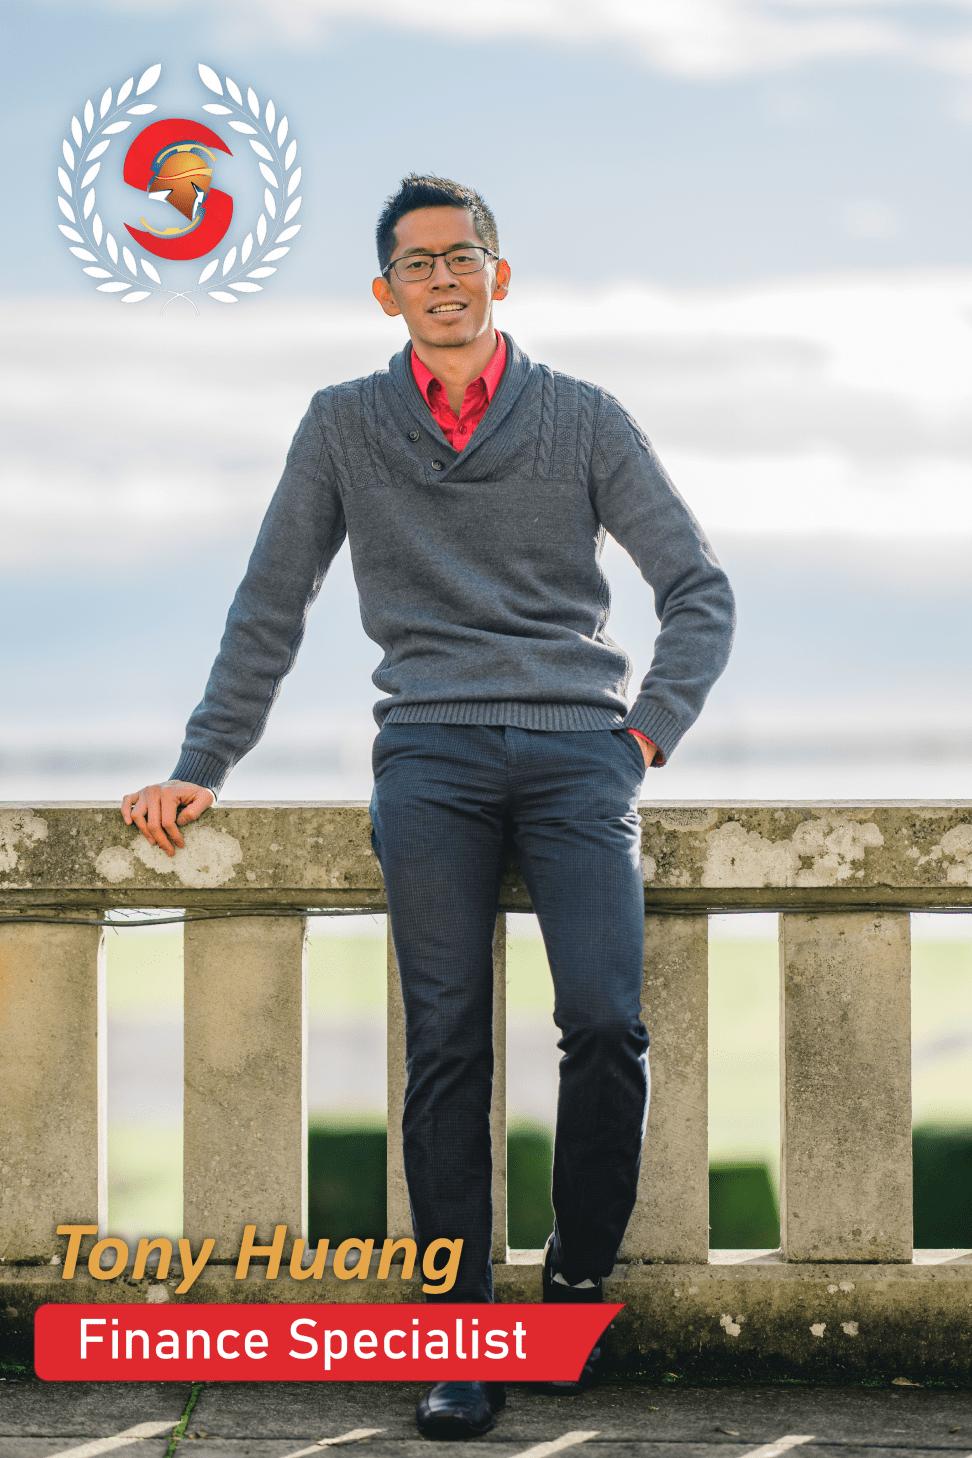 Tony Huang